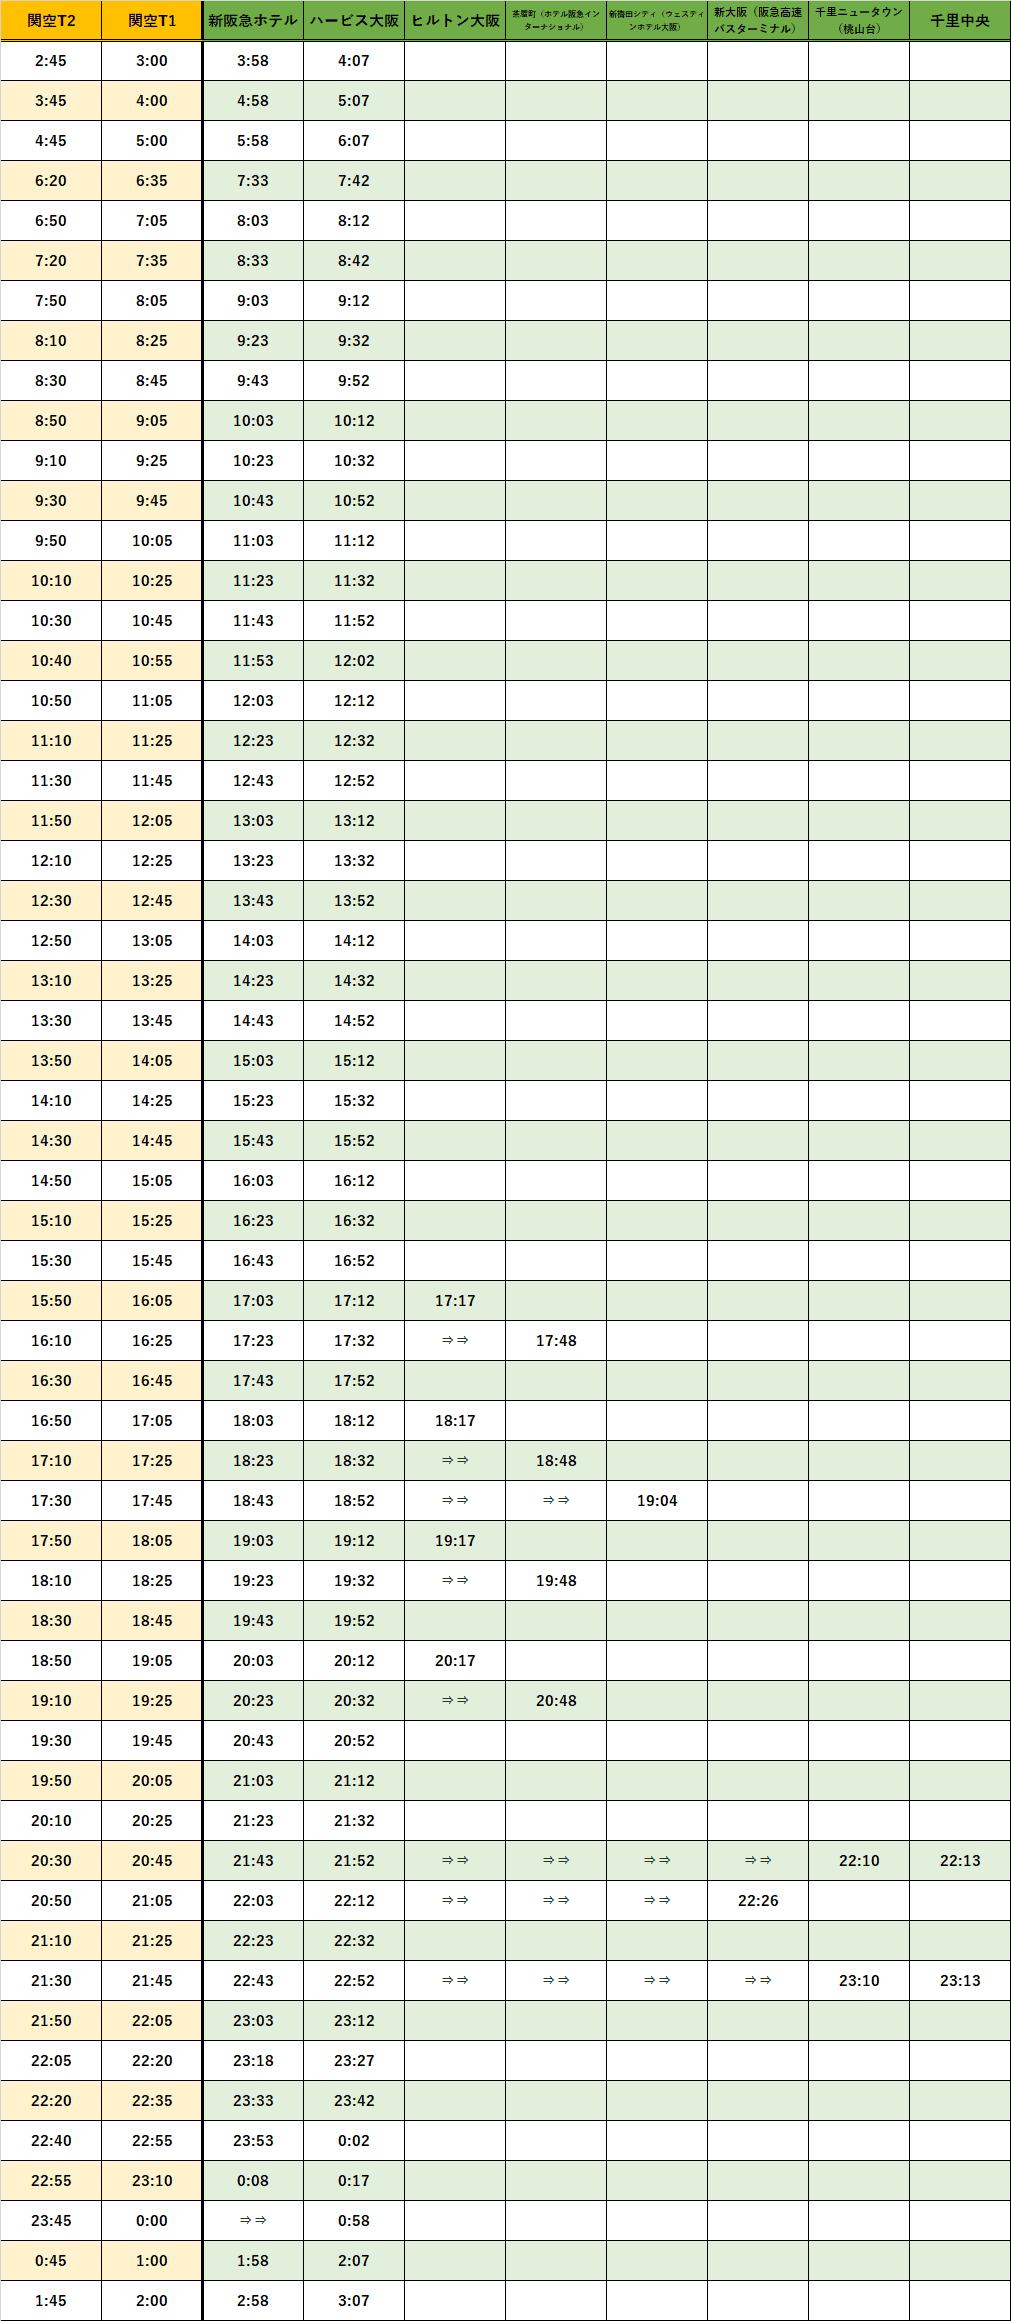 大阪ー千里時刻表